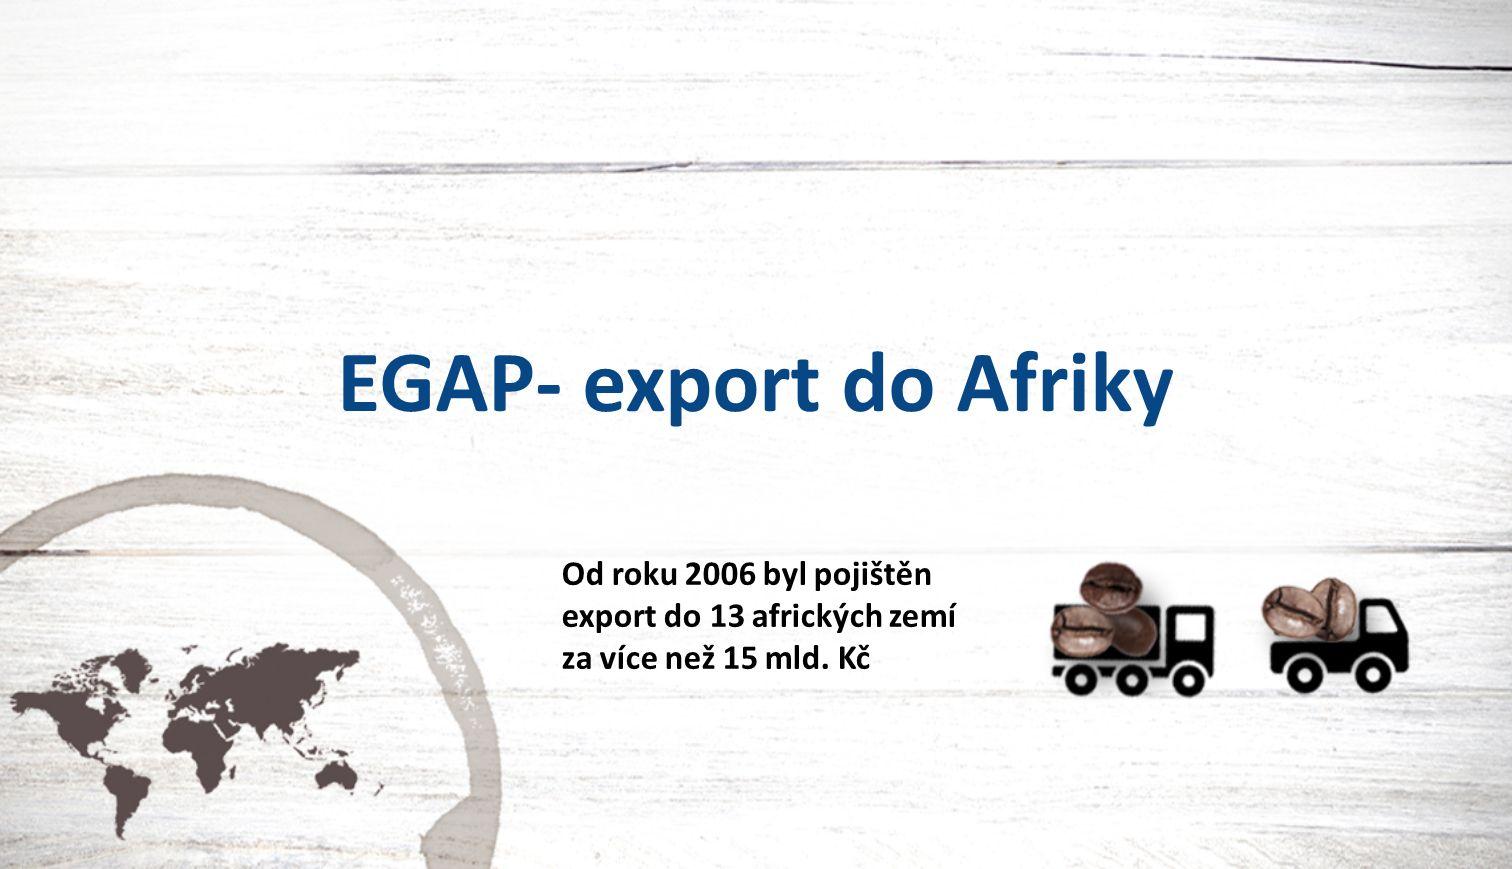 EGAP- export do Afriky Od roku 2006 byl pojištěn export do 13 afrických zemí za více než 15 mld. Kč